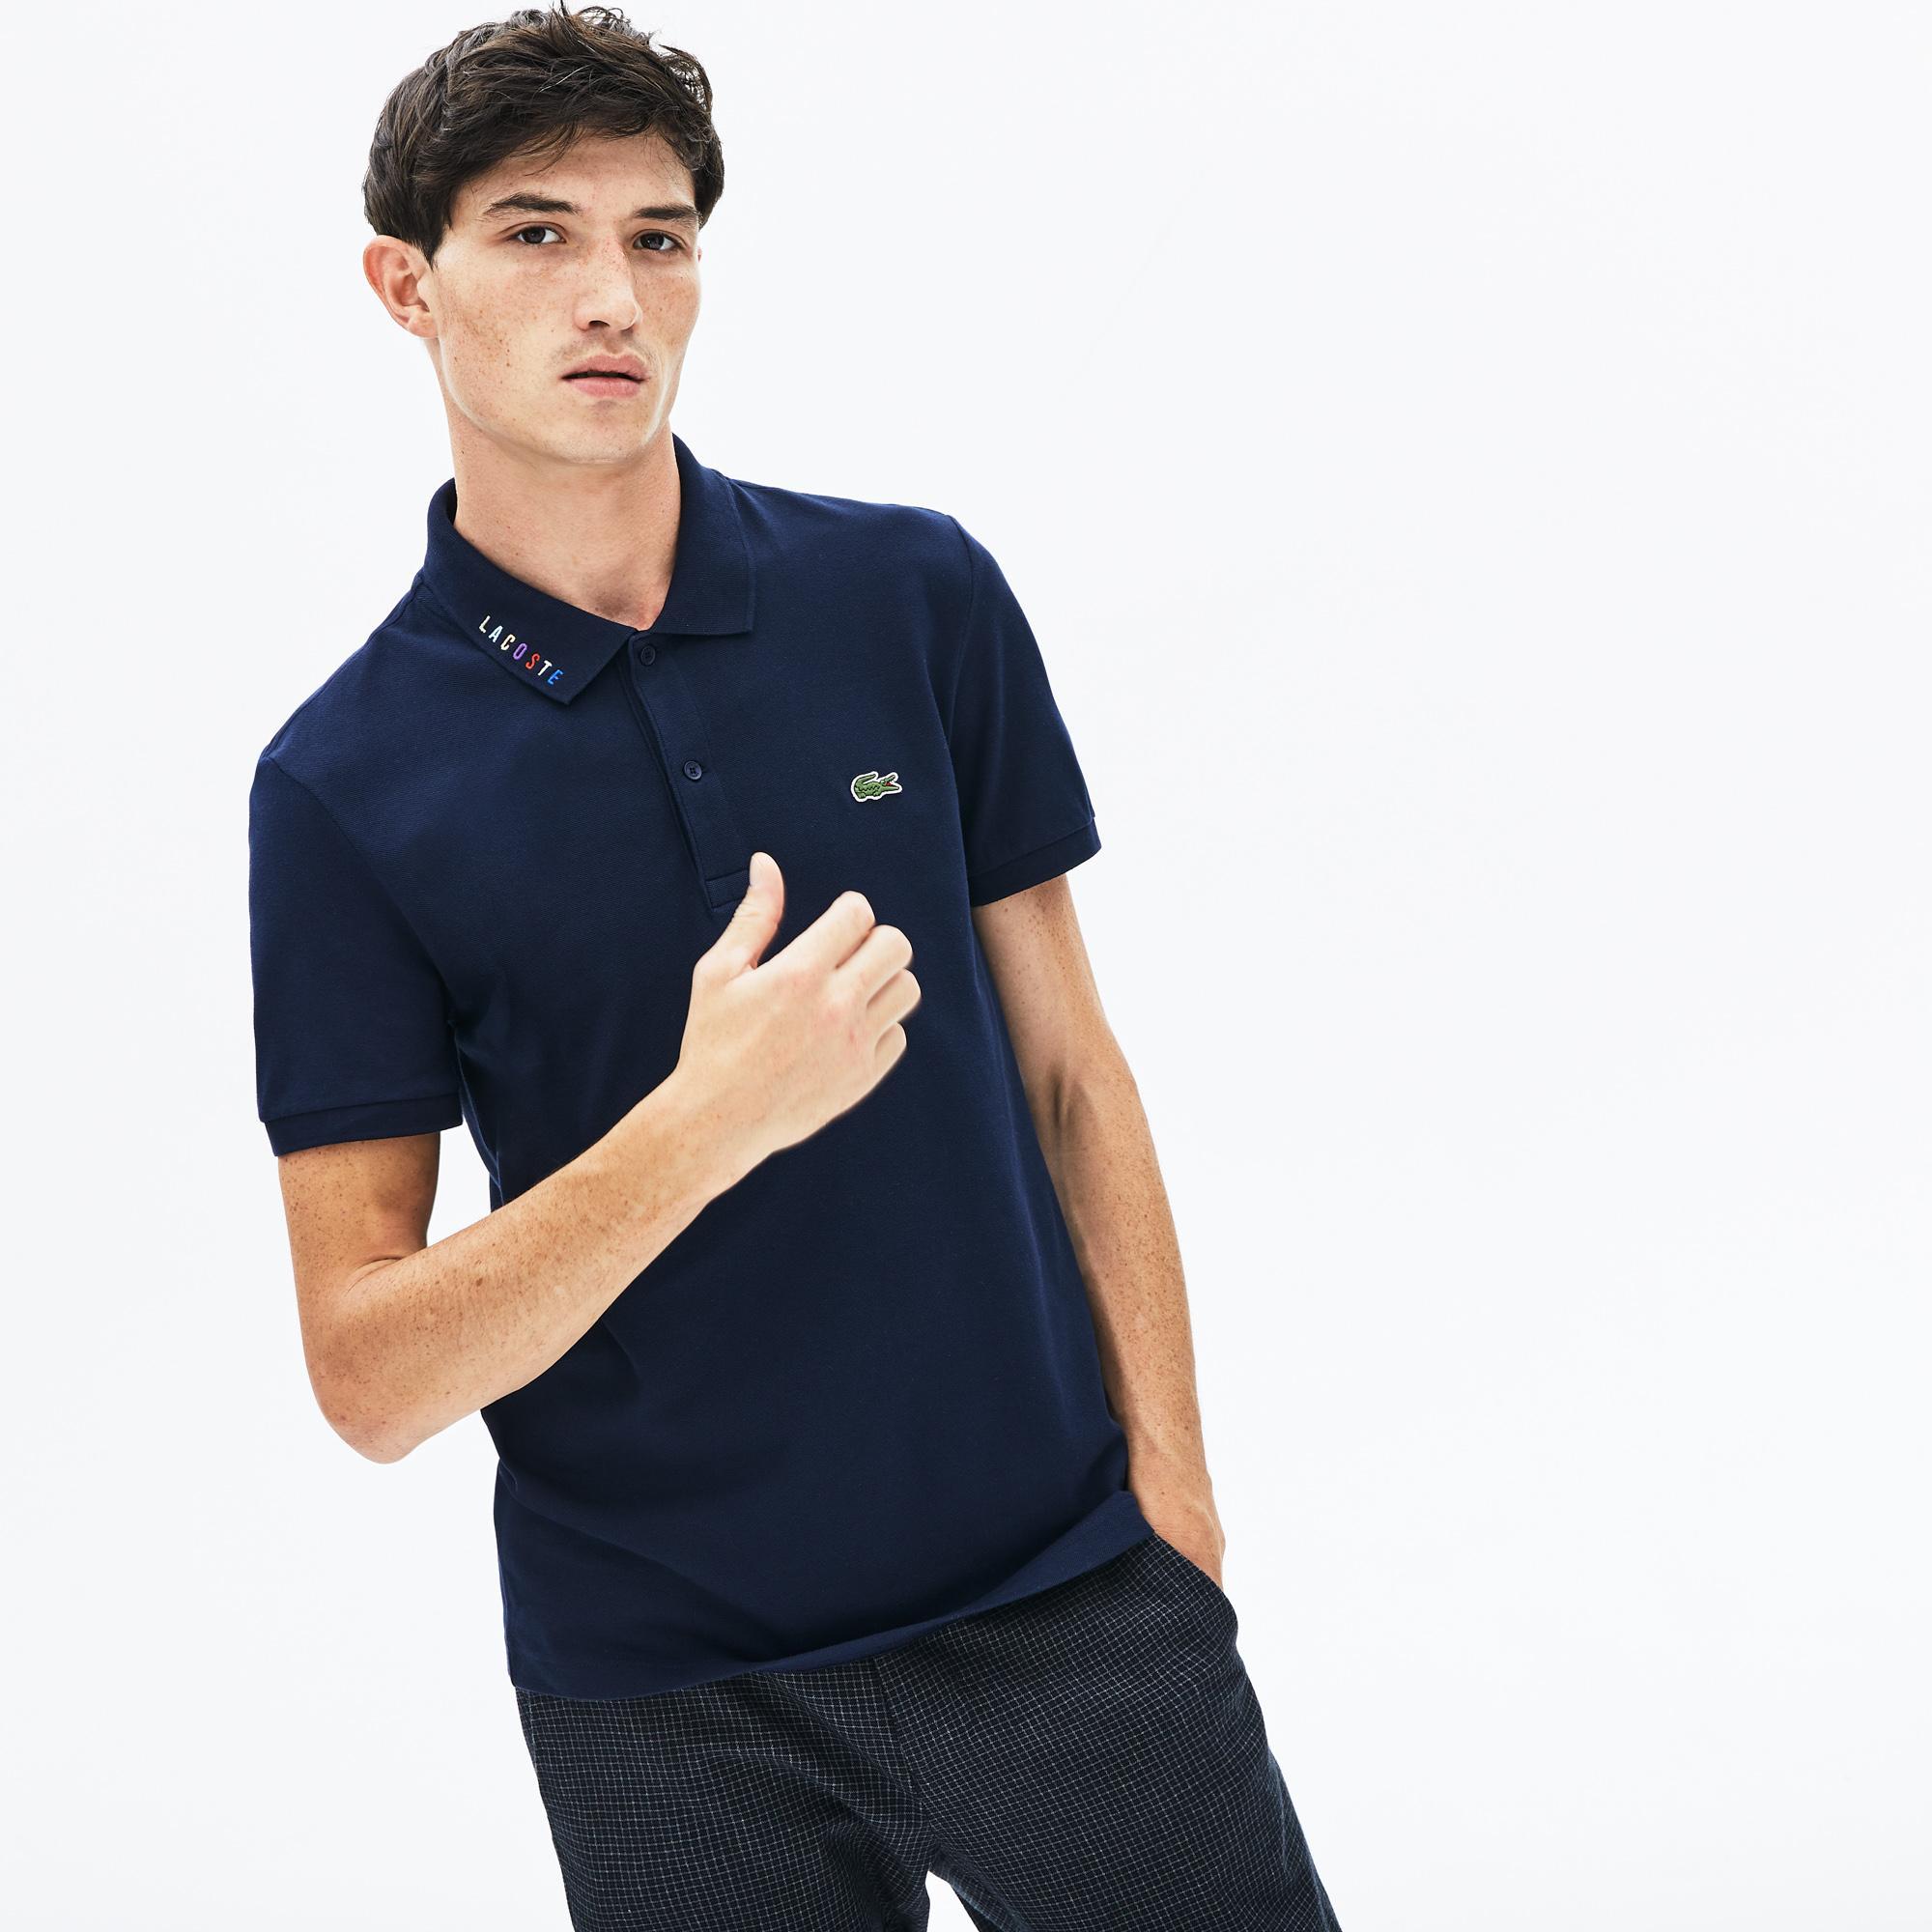 Lacoste Men's Slim Fit Multicoloured Signature Stretch Piqué Polo Shirt